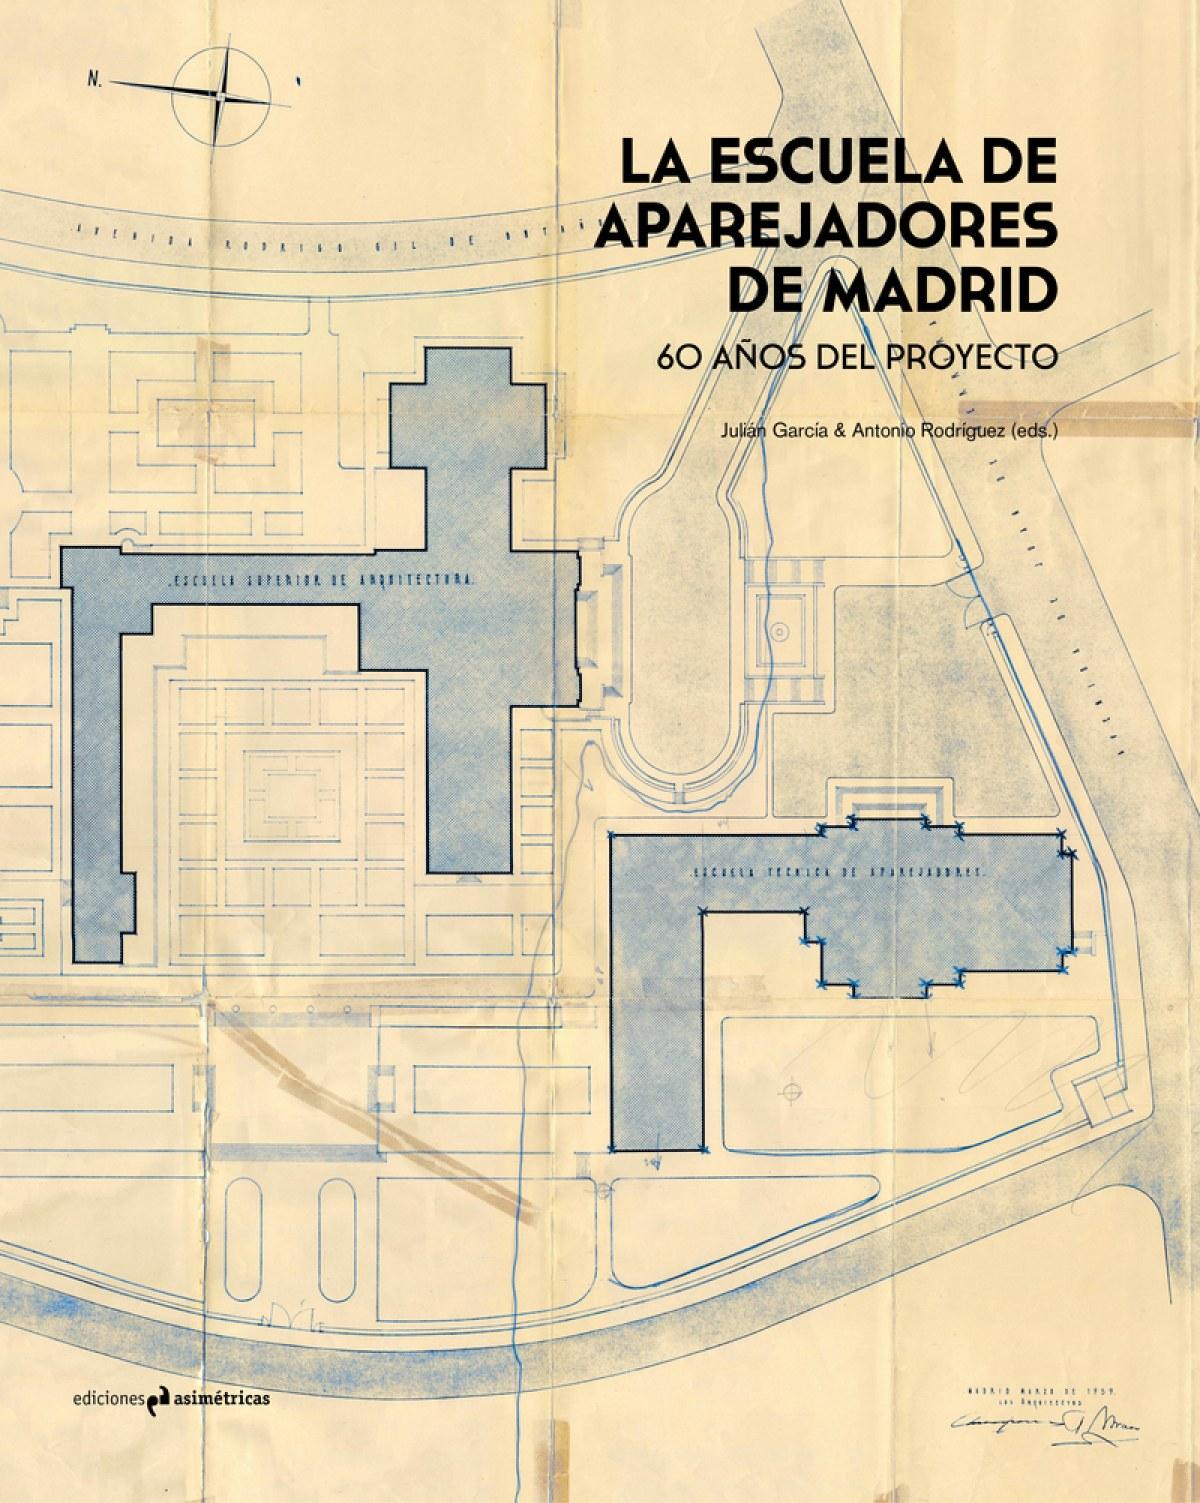 LA ESCUELA DE APAREJADORES DE MADRID